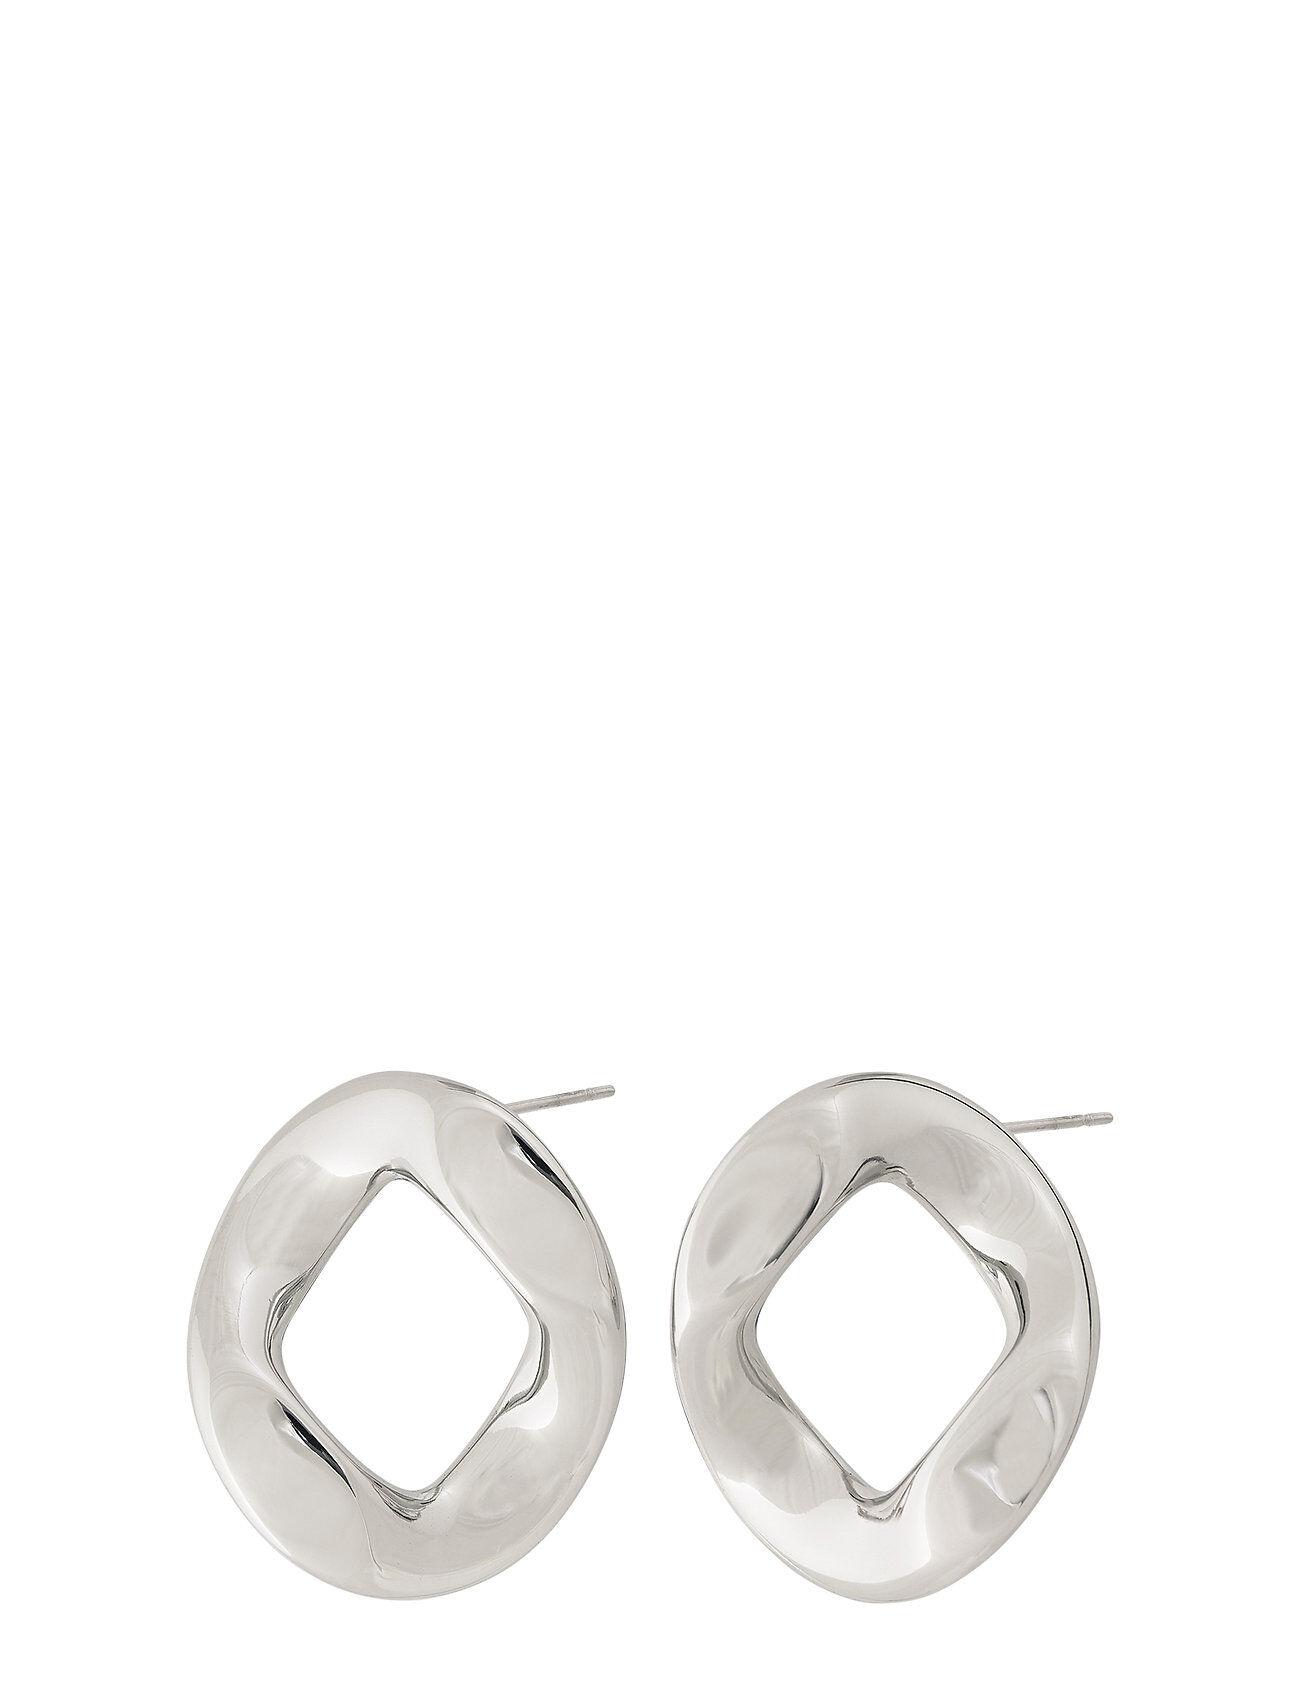 Edblad Malibu Earrings Steel Accessories Jewellery Earrings Studs Hopea Edblad